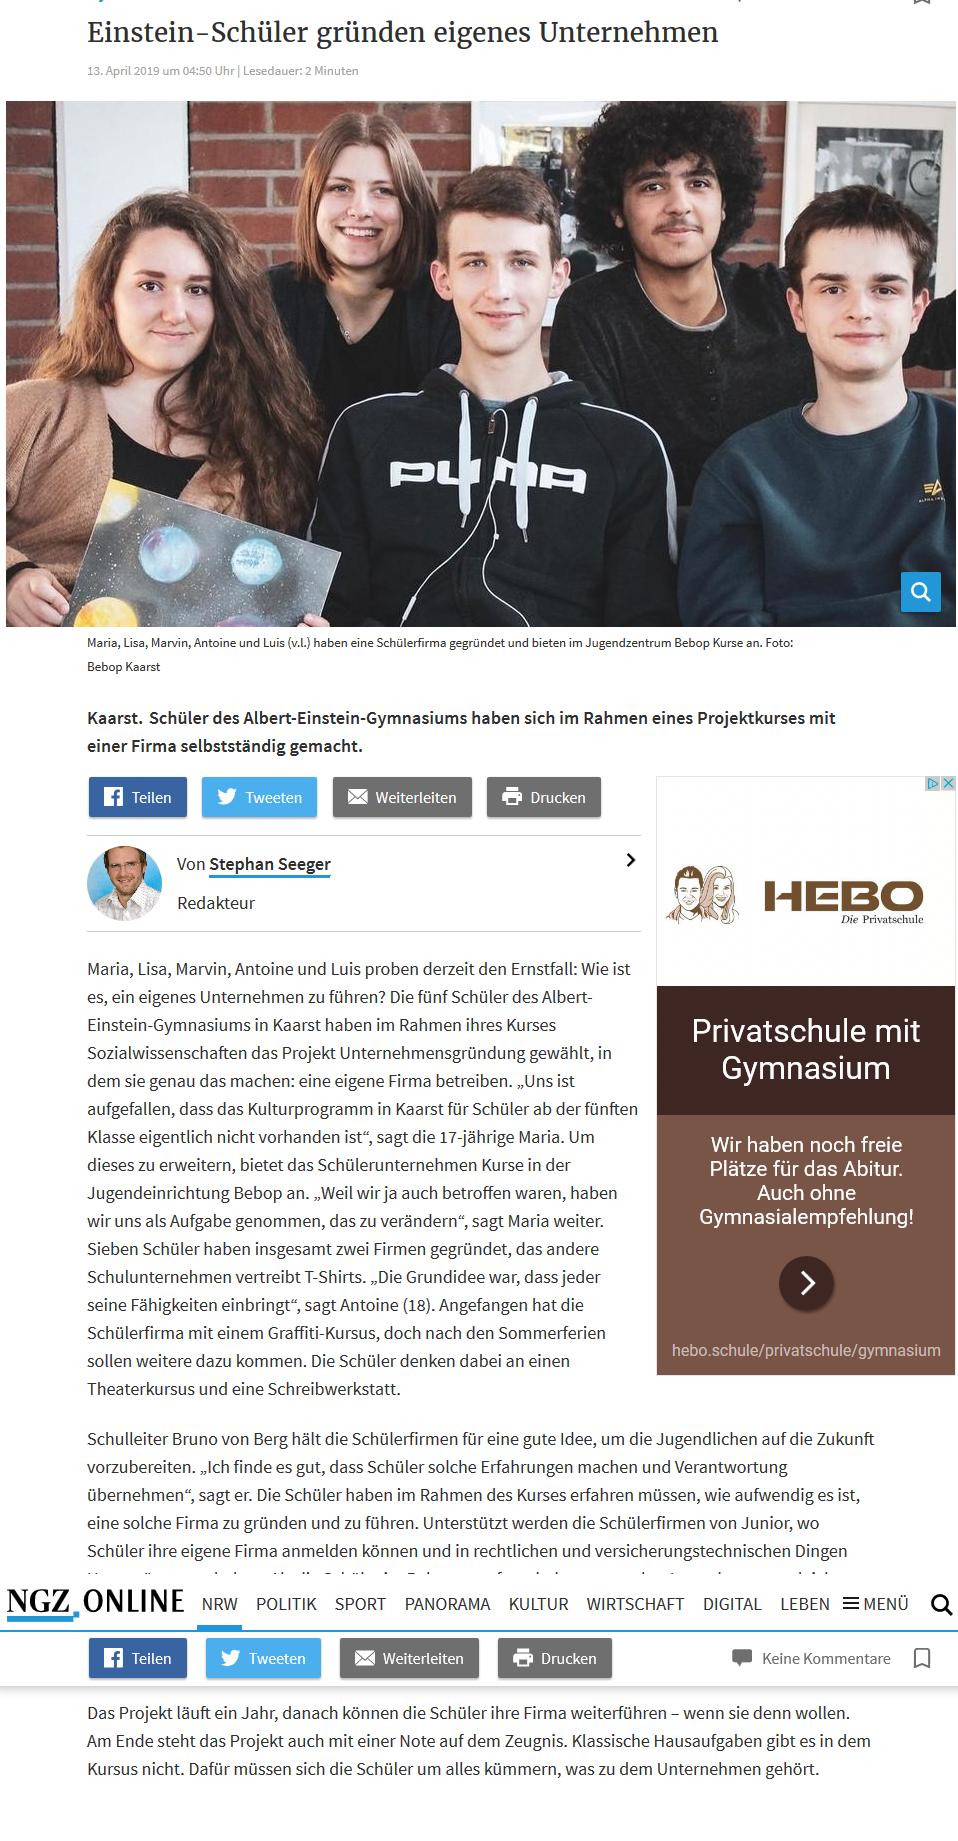 Screenshot_2019-06-04 Gymnasium in Kaarst Einstein-Schüler gründen eigenes Unternehmen.png